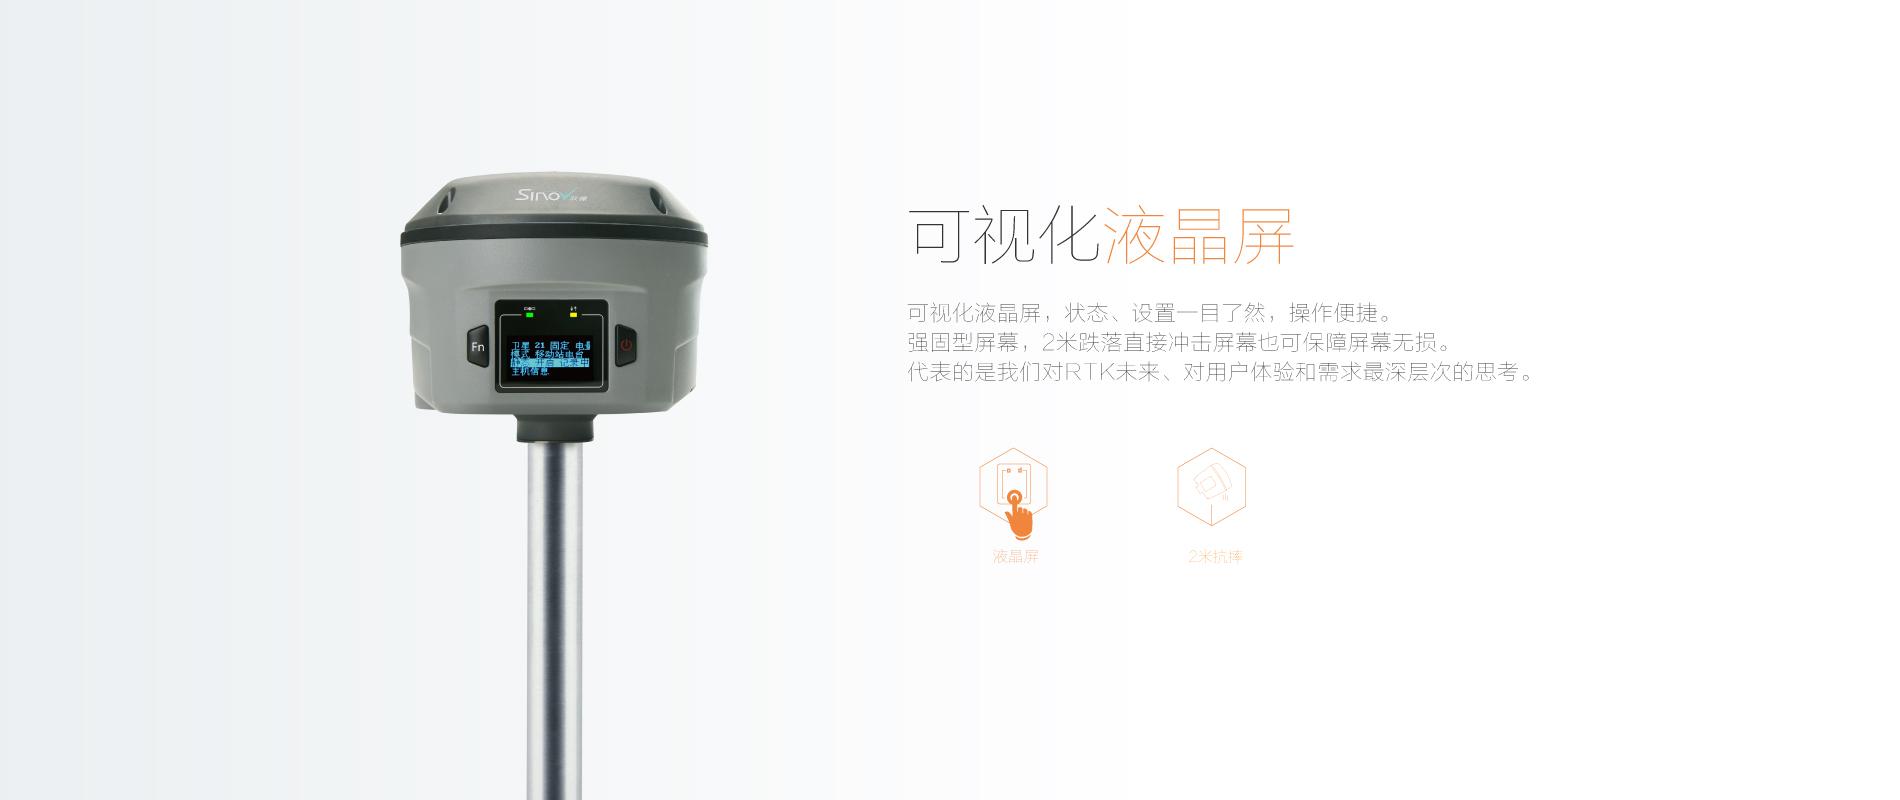 華測導航,雙微M7全能型RTK測量儀,RTK測量儀,便宜好用的RTK測量儀,可視化液晶屏,操作便捷